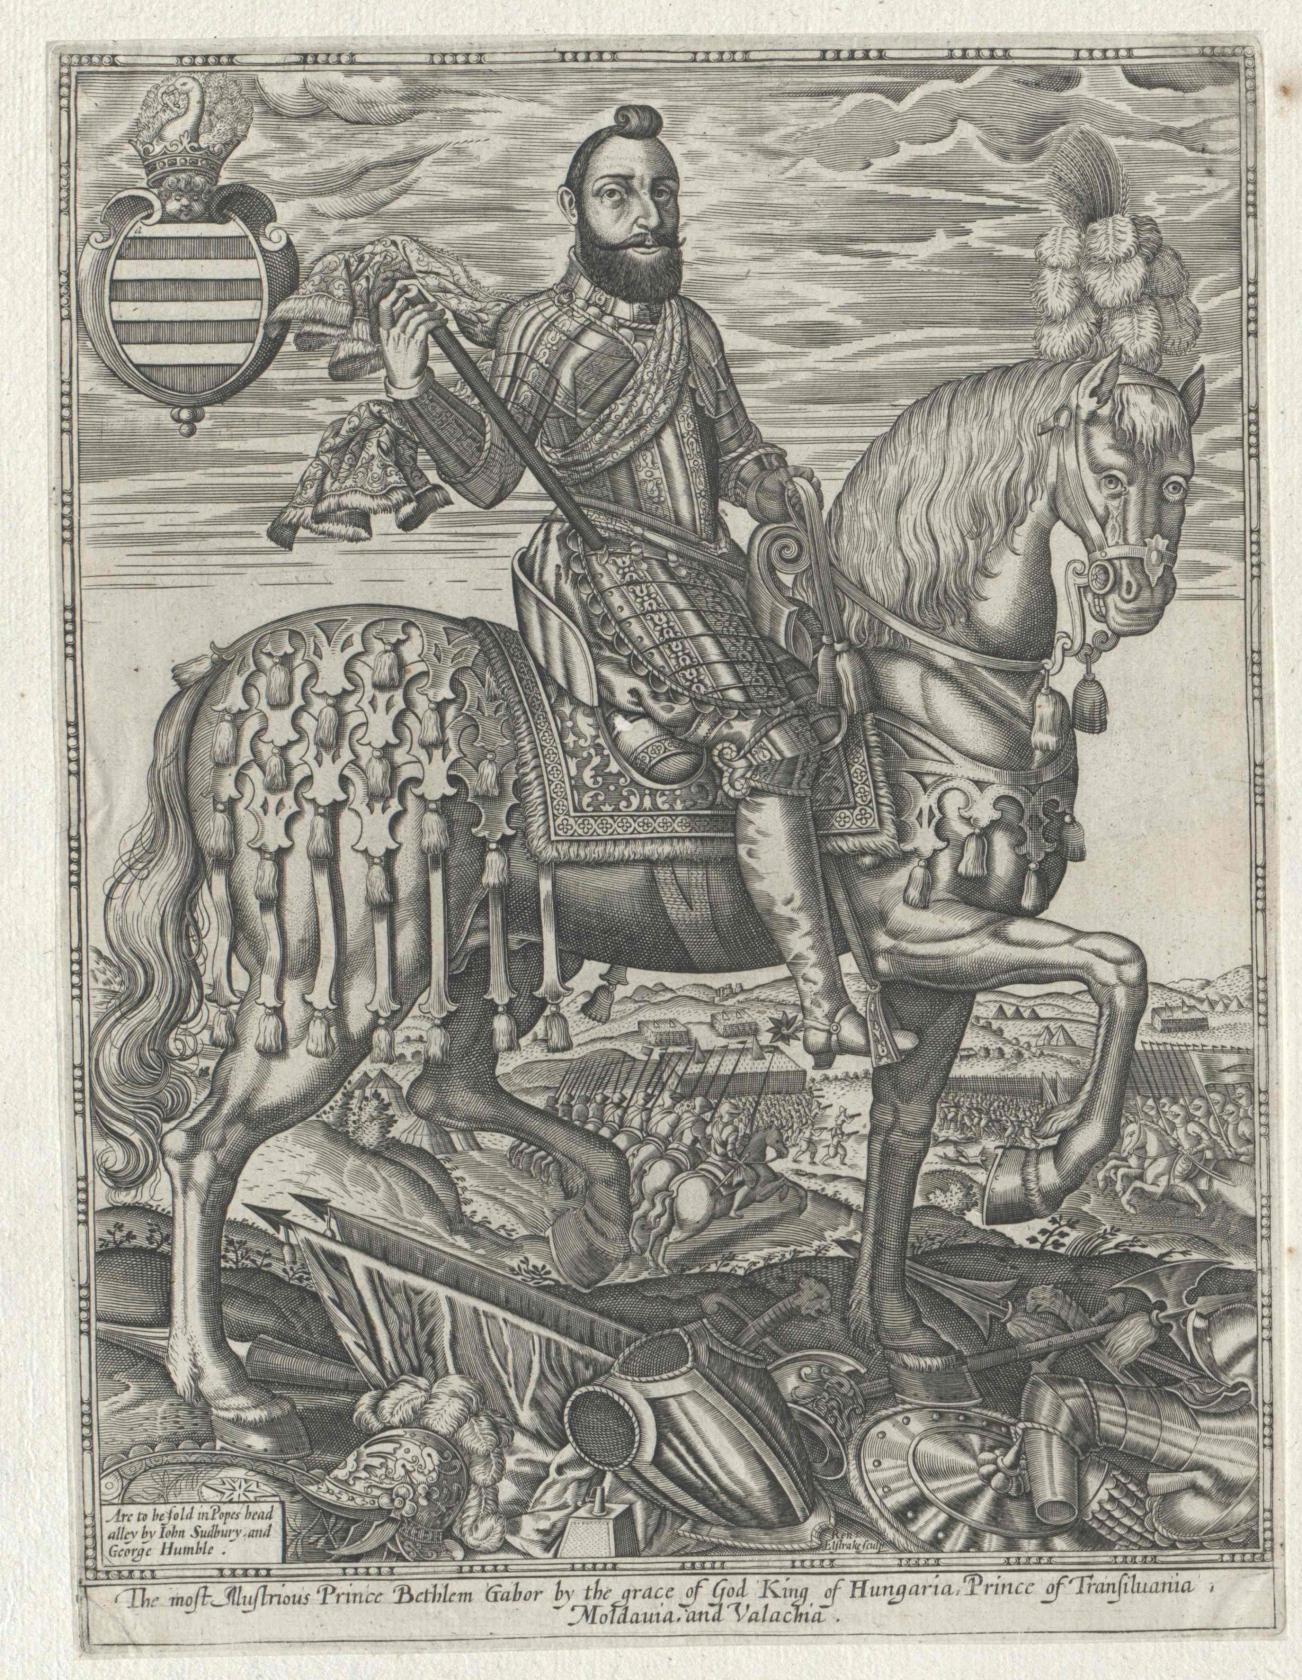 stadtarzt nicolaus winckler 1577